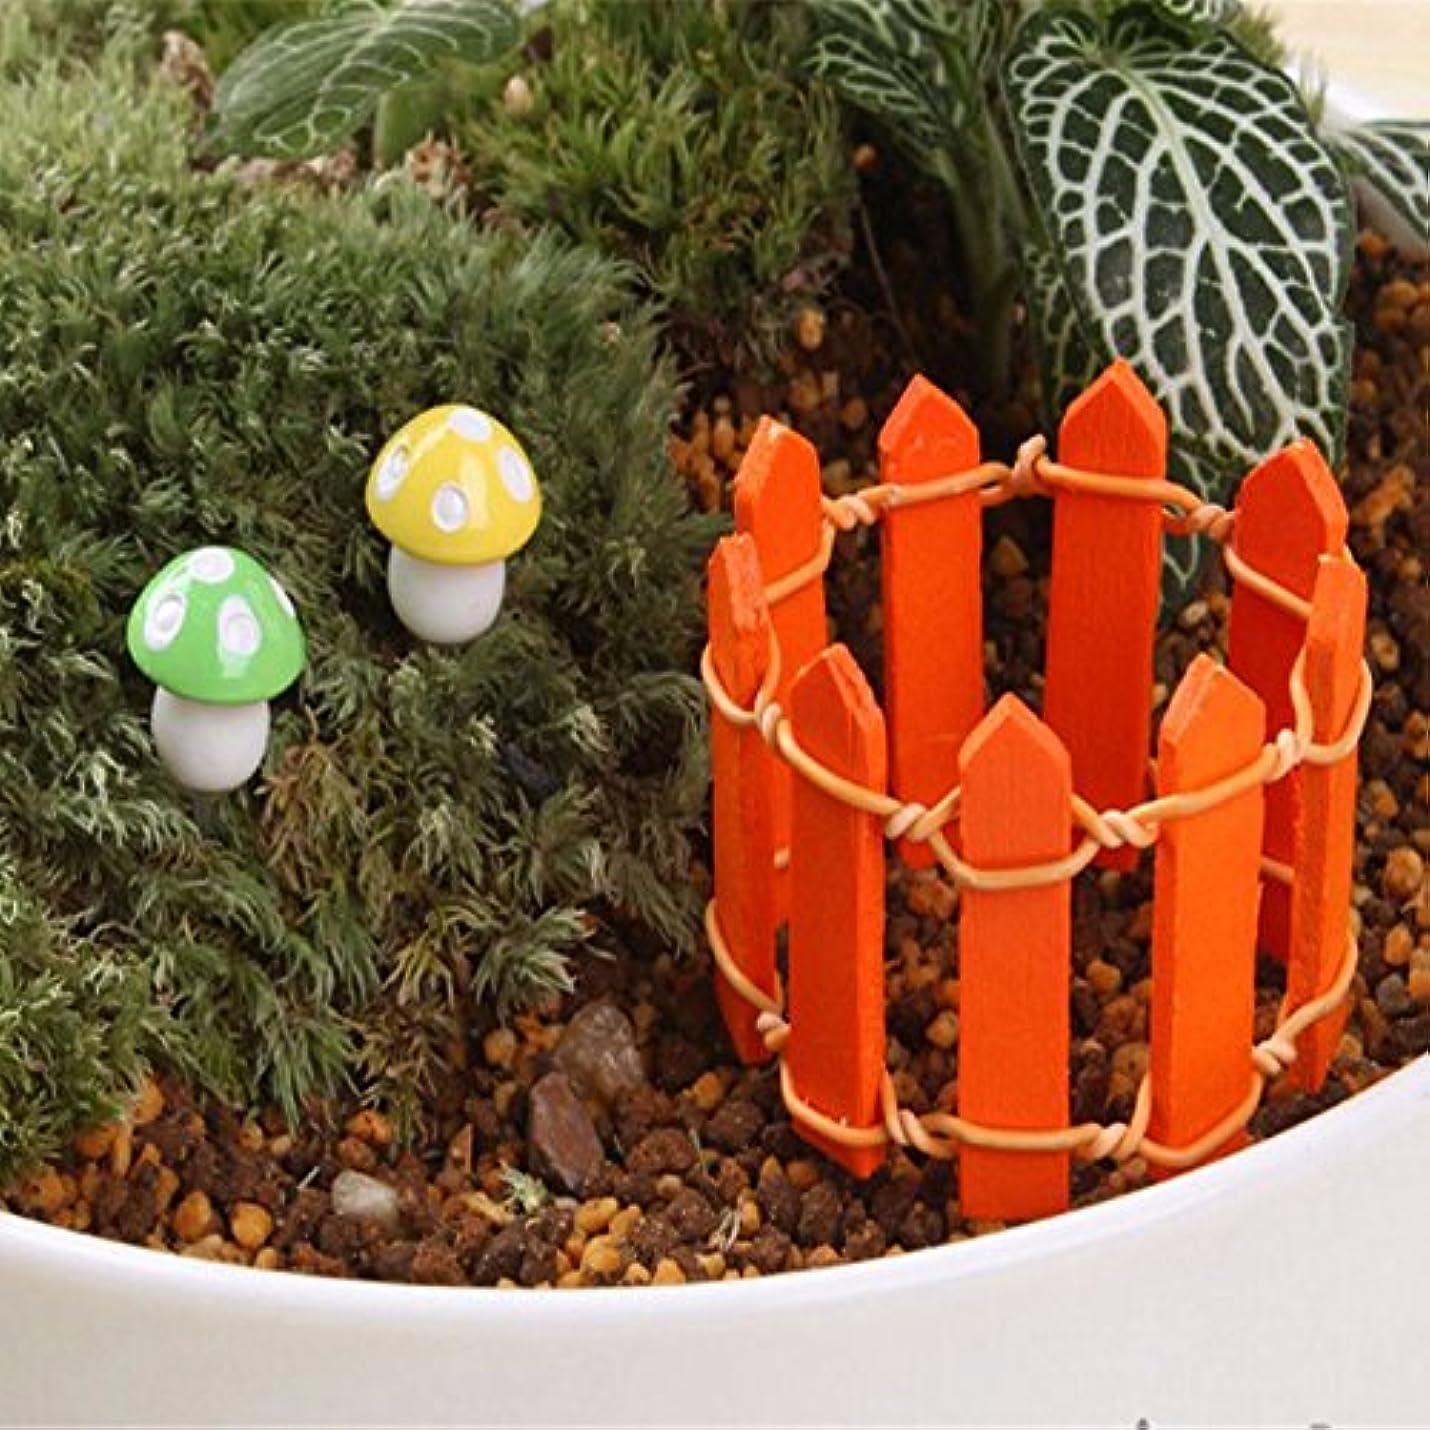 深さパックくしゃみJicorzo - 20個DIY木製の小さなフェンスモステラリウム植木鉢工芸ミニおもちゃフェアリーガーデンミニチュア[オレンジ]